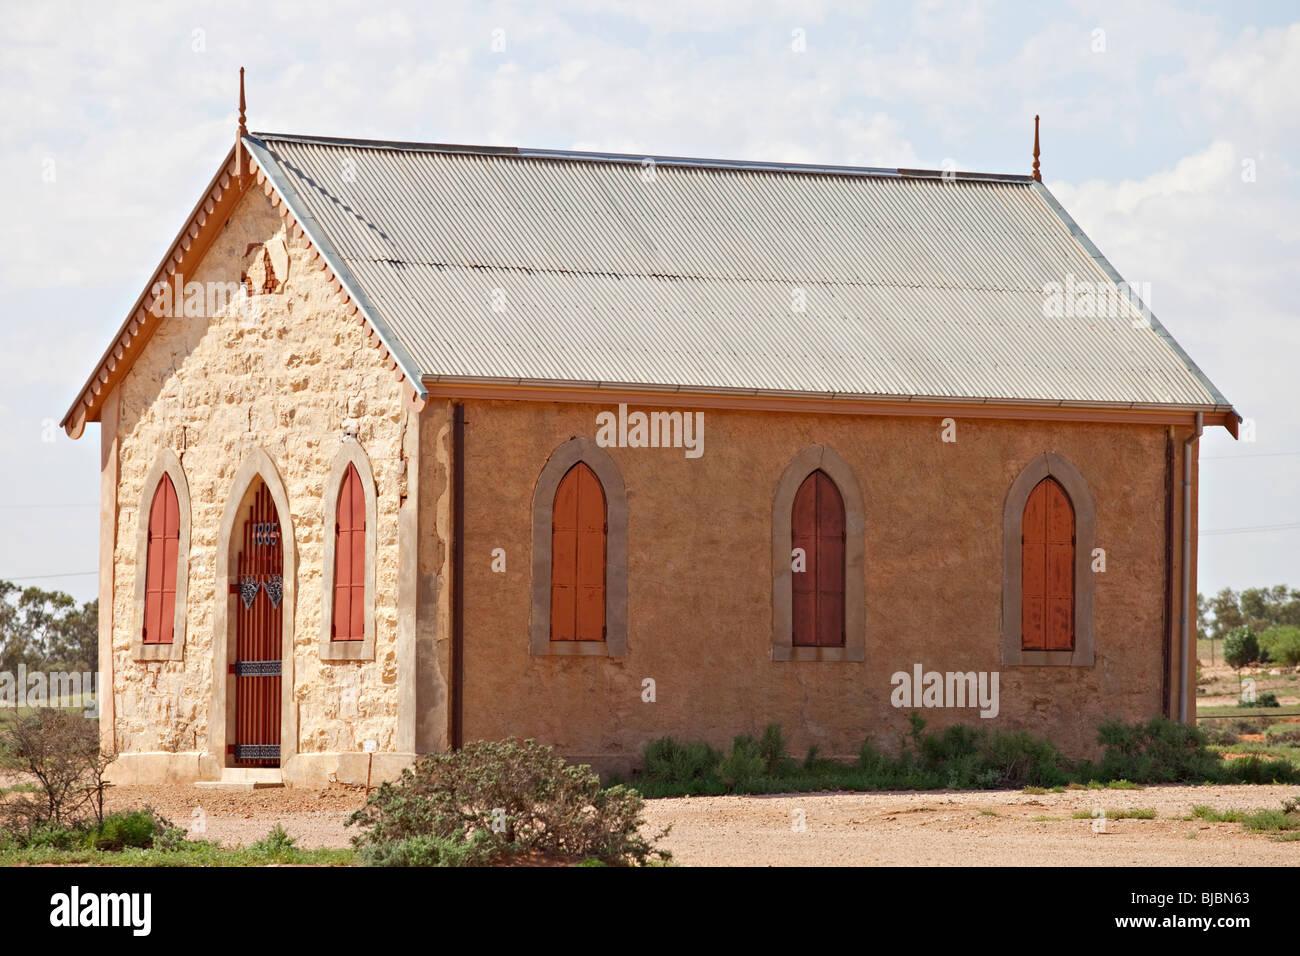 Evangelisch-methodistische Kirche, Silverton in der Nähe von Broken Hill, Outback Australien New South Wales Stockbild